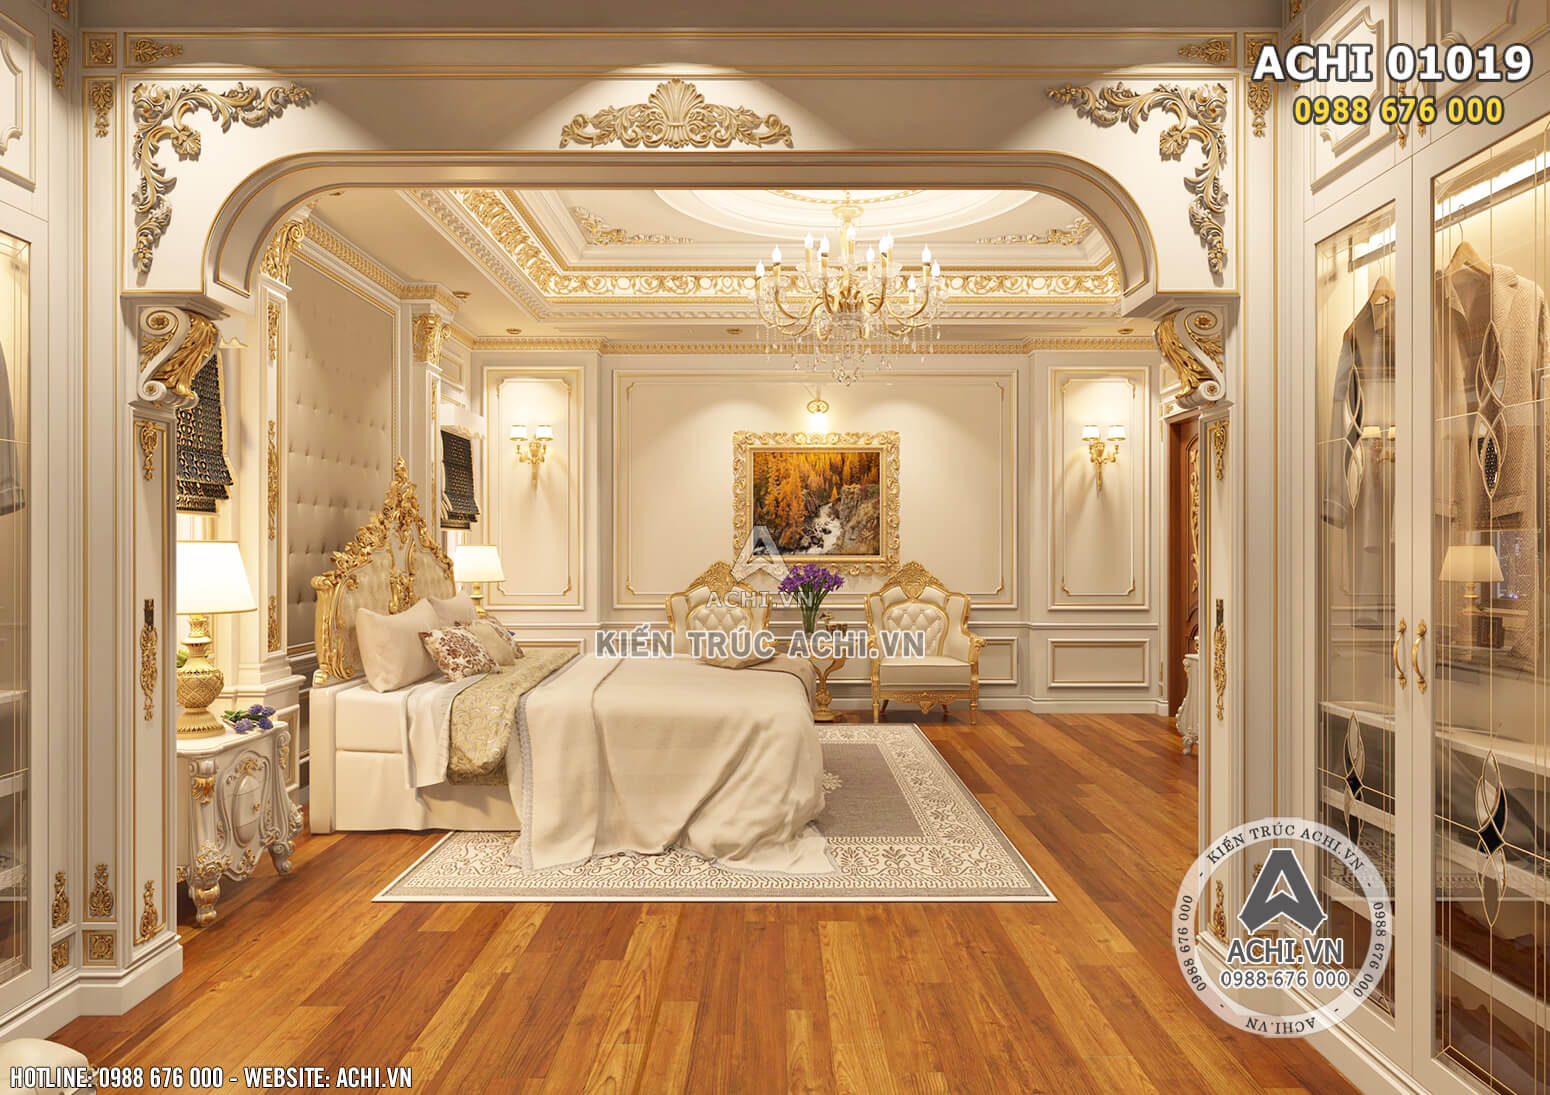 Hình ảnh: Lối kiến trúc tân cổ điển giúp căn phòng trở nên ấn tượng